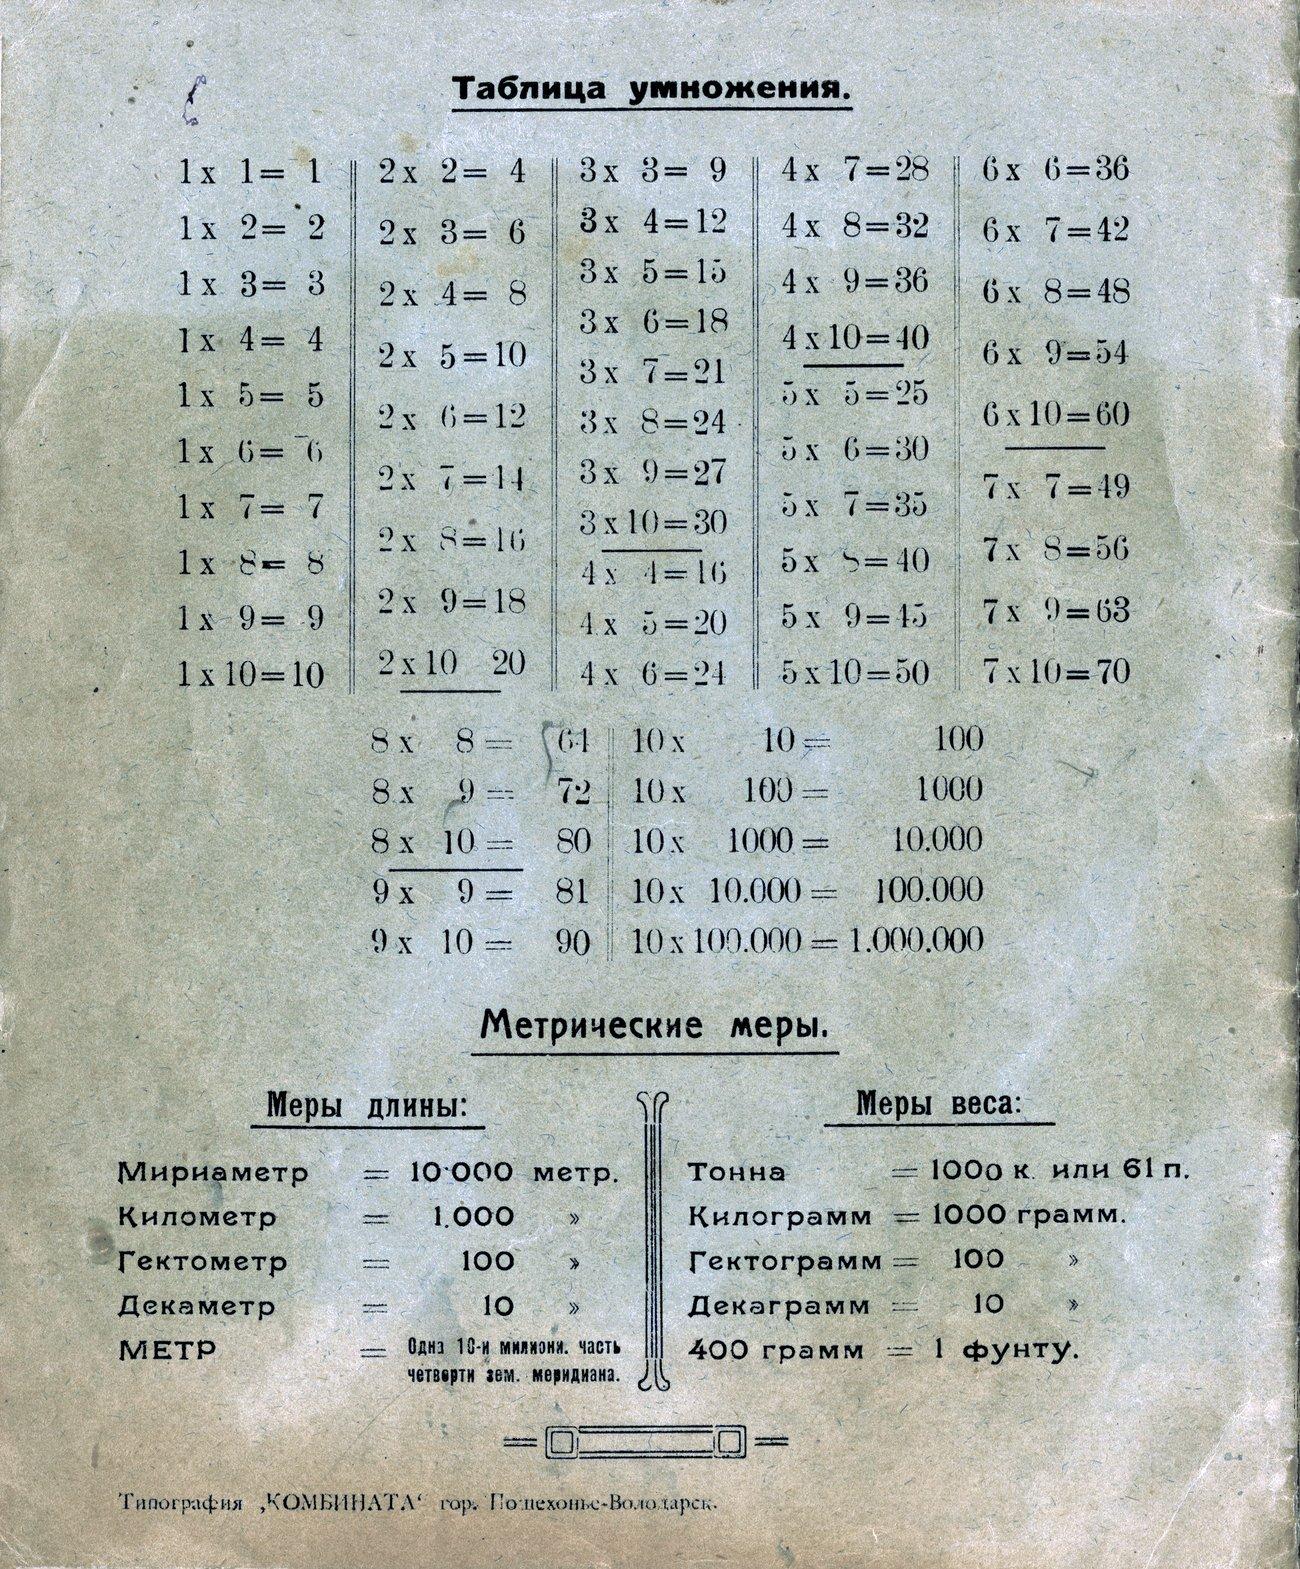 Тетрадь № 2 для геометрии Крюкова, 1926-27, оборот